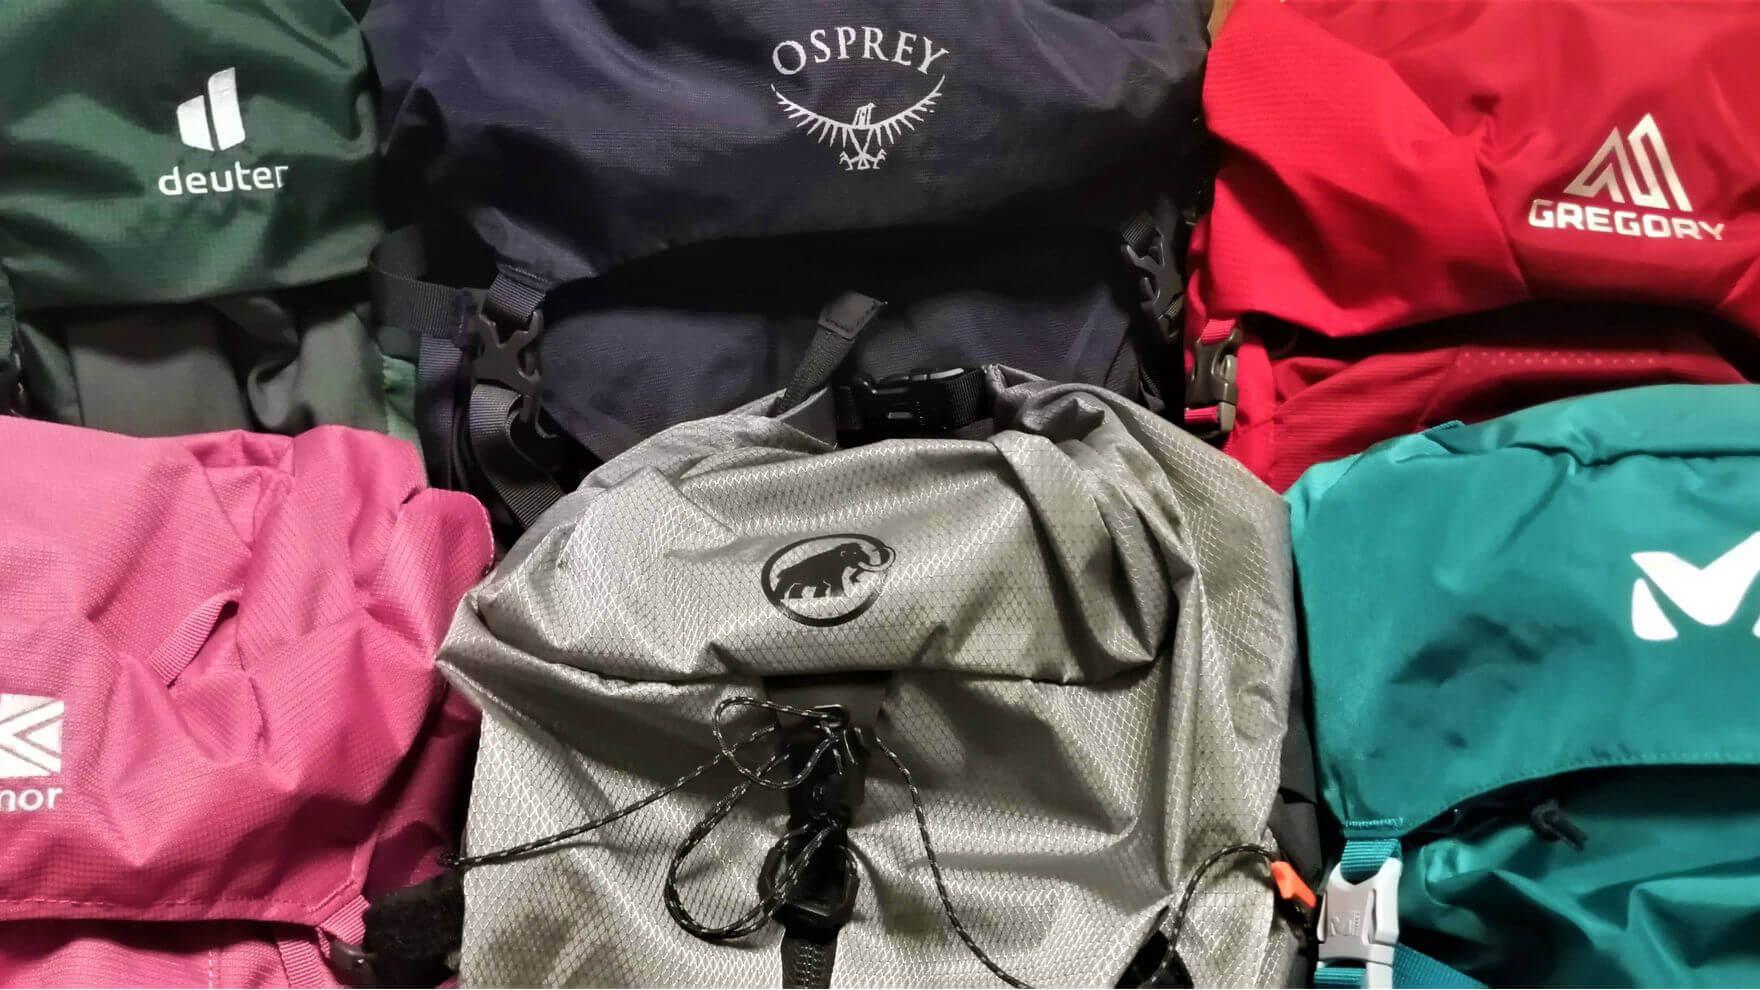 【忖度なしの自腹比較レビュー】女性向けバックパック編。オスプレーが好き過ぎる百名山ハンターの登山女子に、新たなシンデレラ・バックパックは現れるのか?